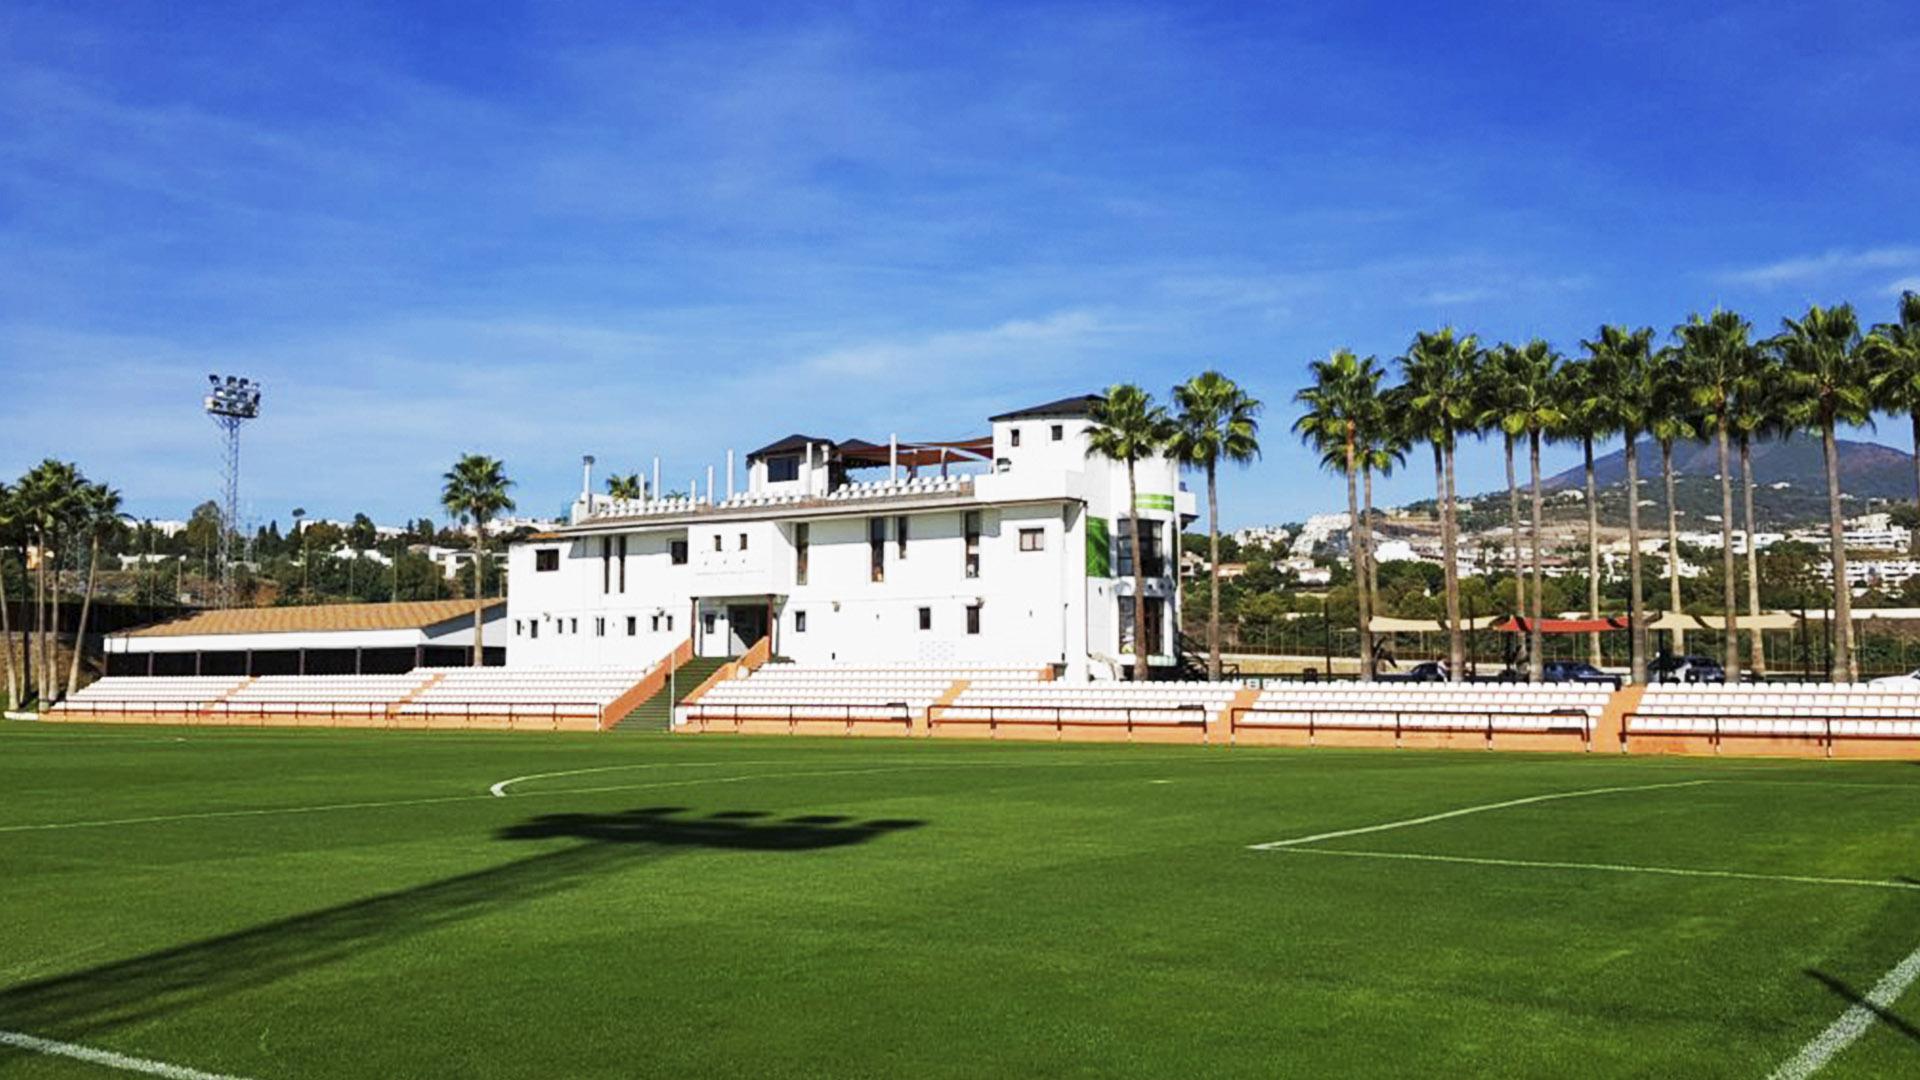 Durante seis días, doce selecciones internacionales de fútbol visitan San Pedro Alcántara